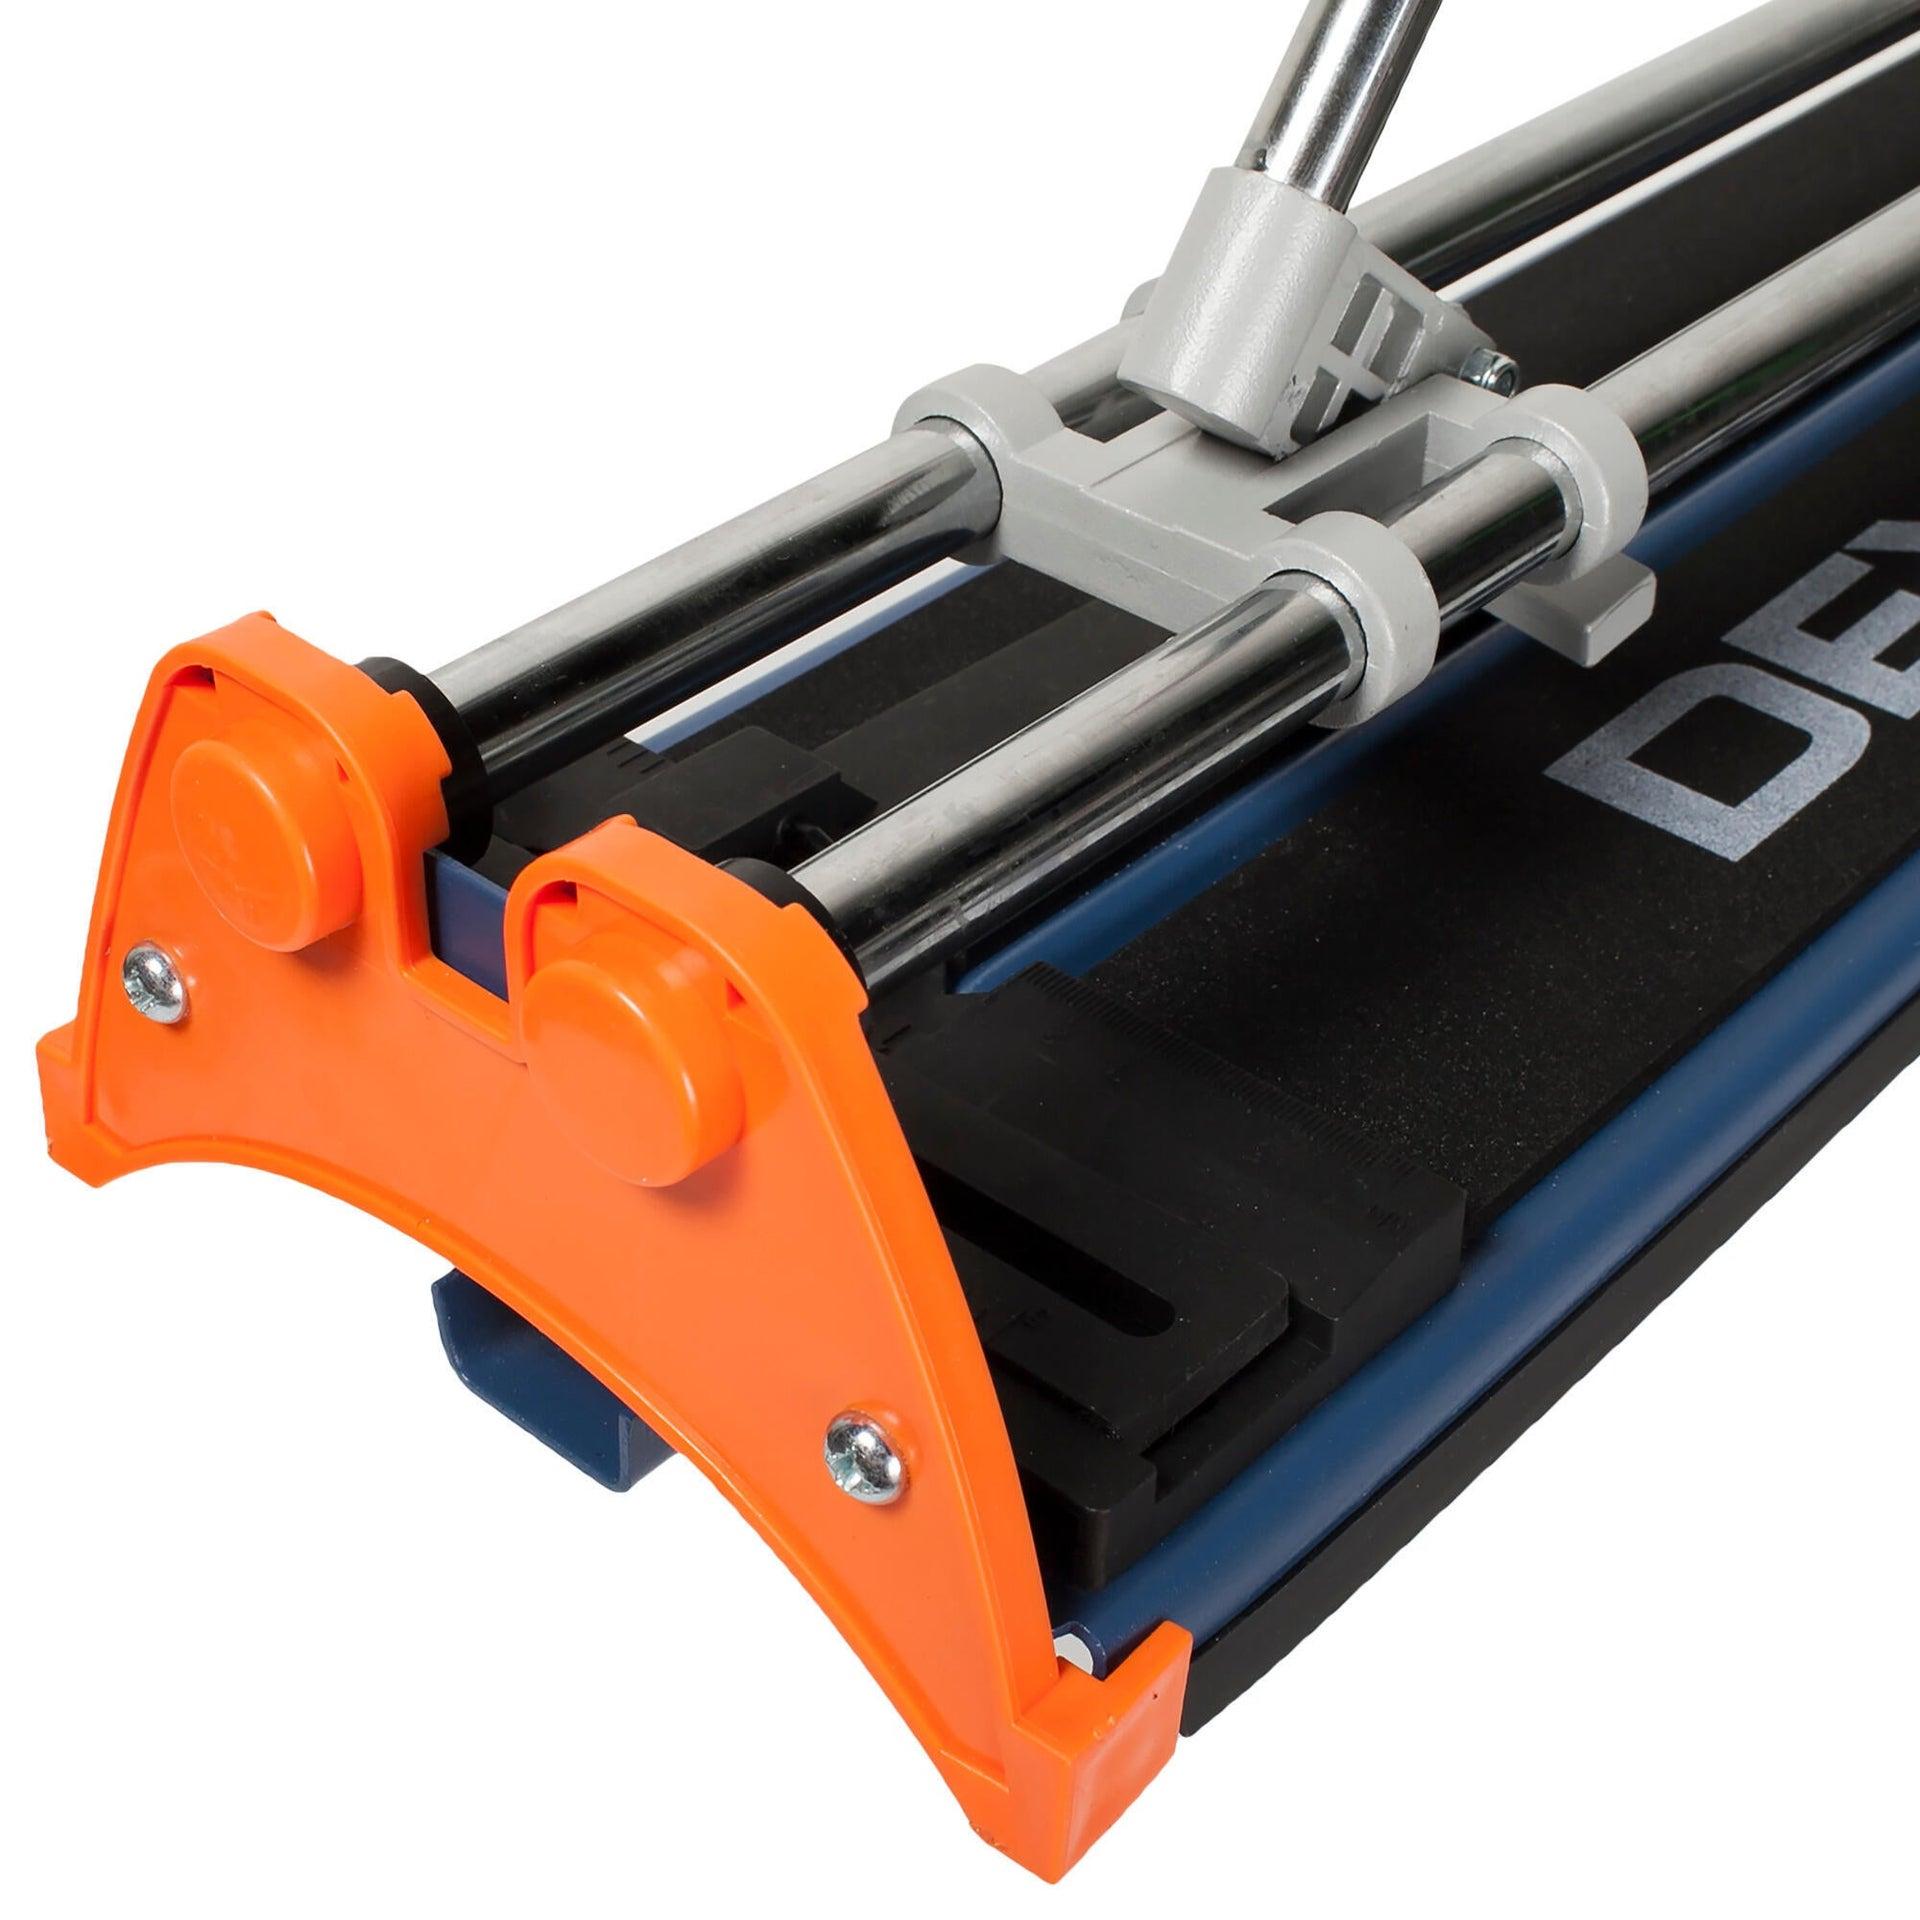 Tagliapiastrelle manuale DEXTER , lunghezza max taglio 430 mm - 5